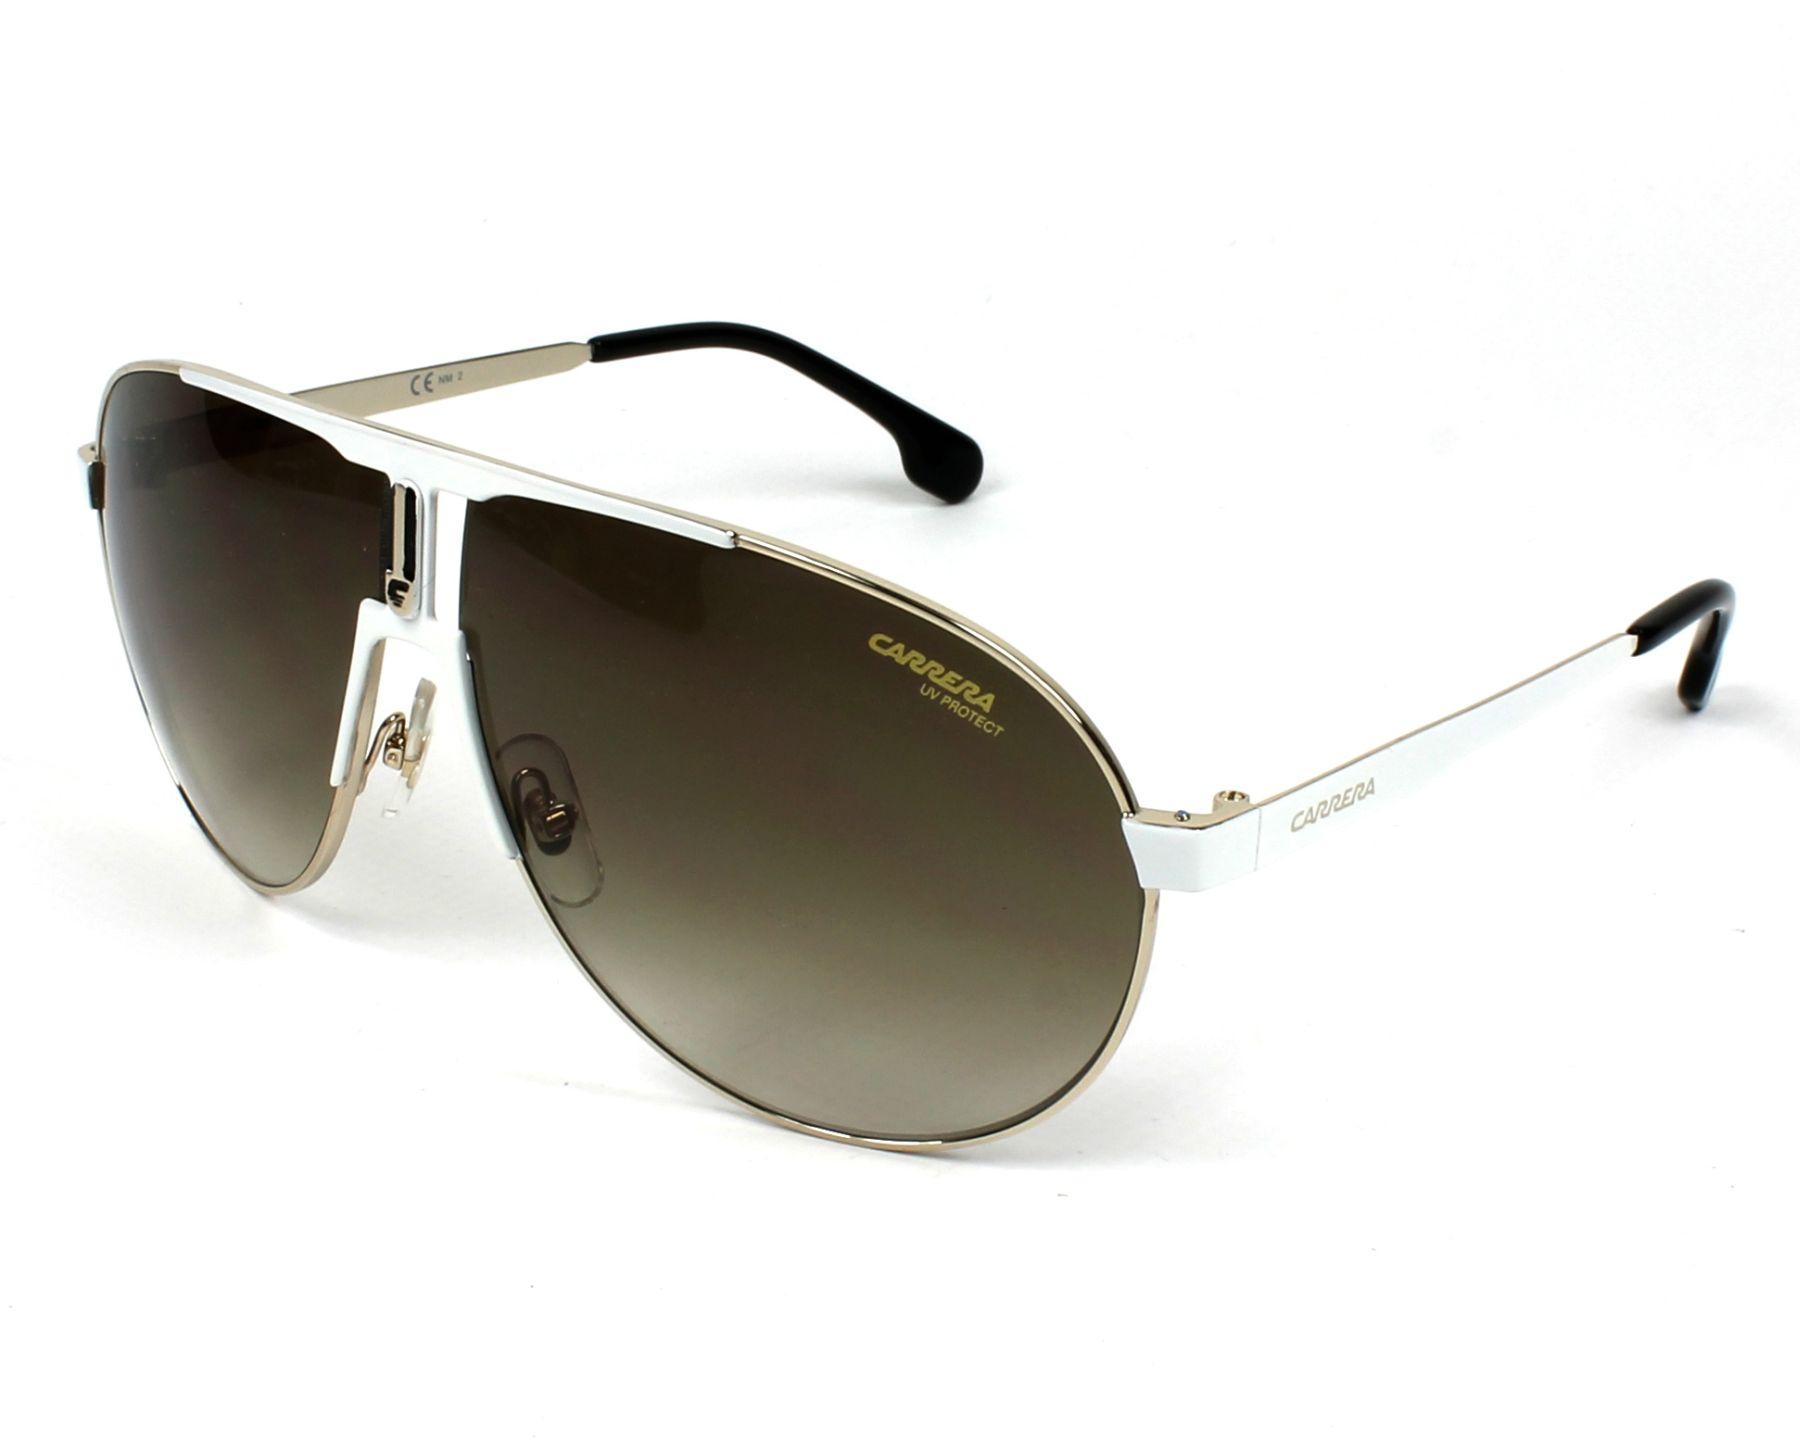 Sunglasses Carrera 1005-S B4E HA 66-9 White Gold profile view 6285d9c4d1c